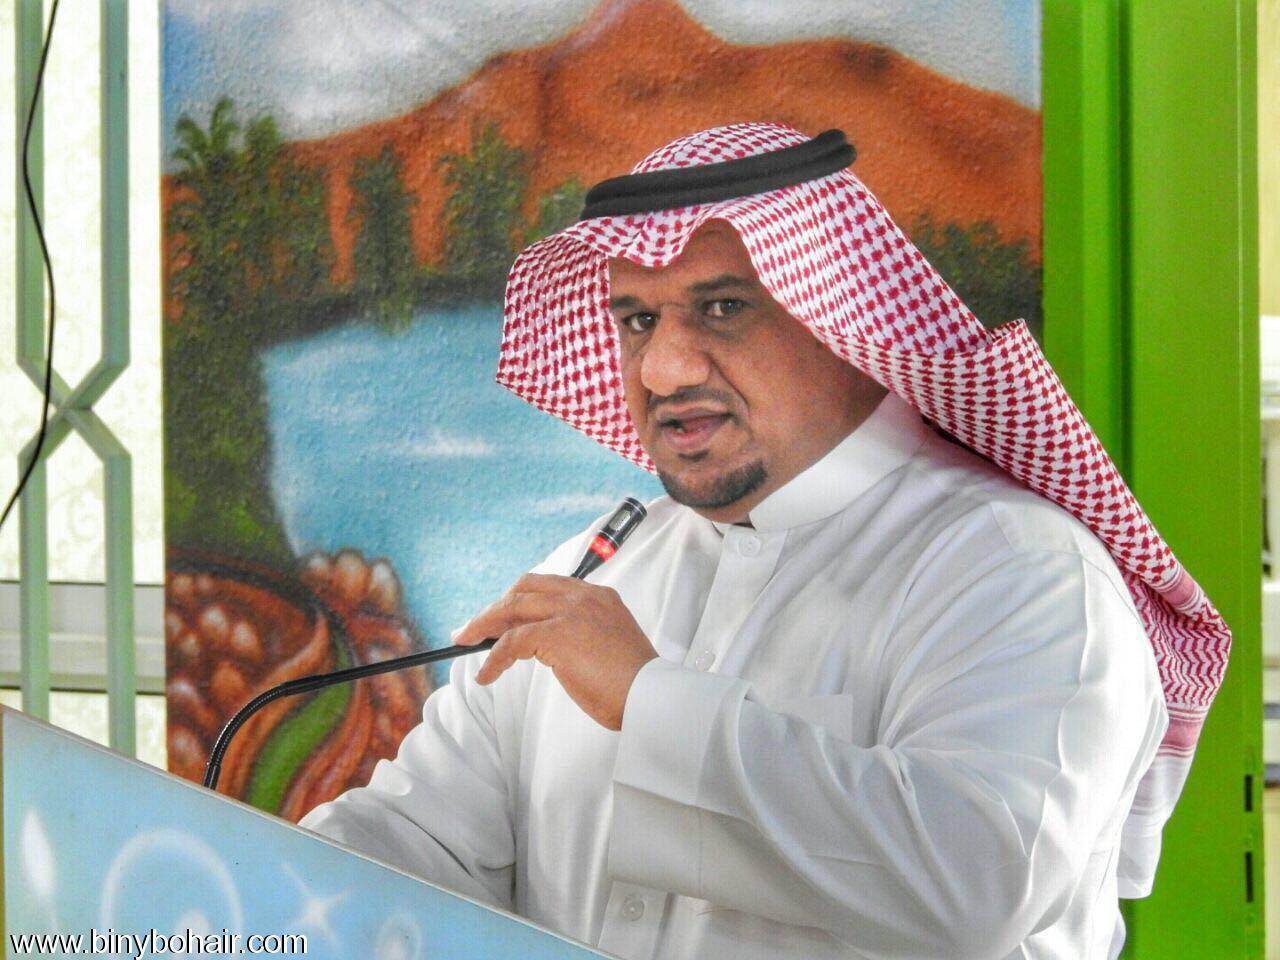 """""""الاستاذ/صالح محمد صالح البحيري"""" عريفةً grj41395.jpg"""